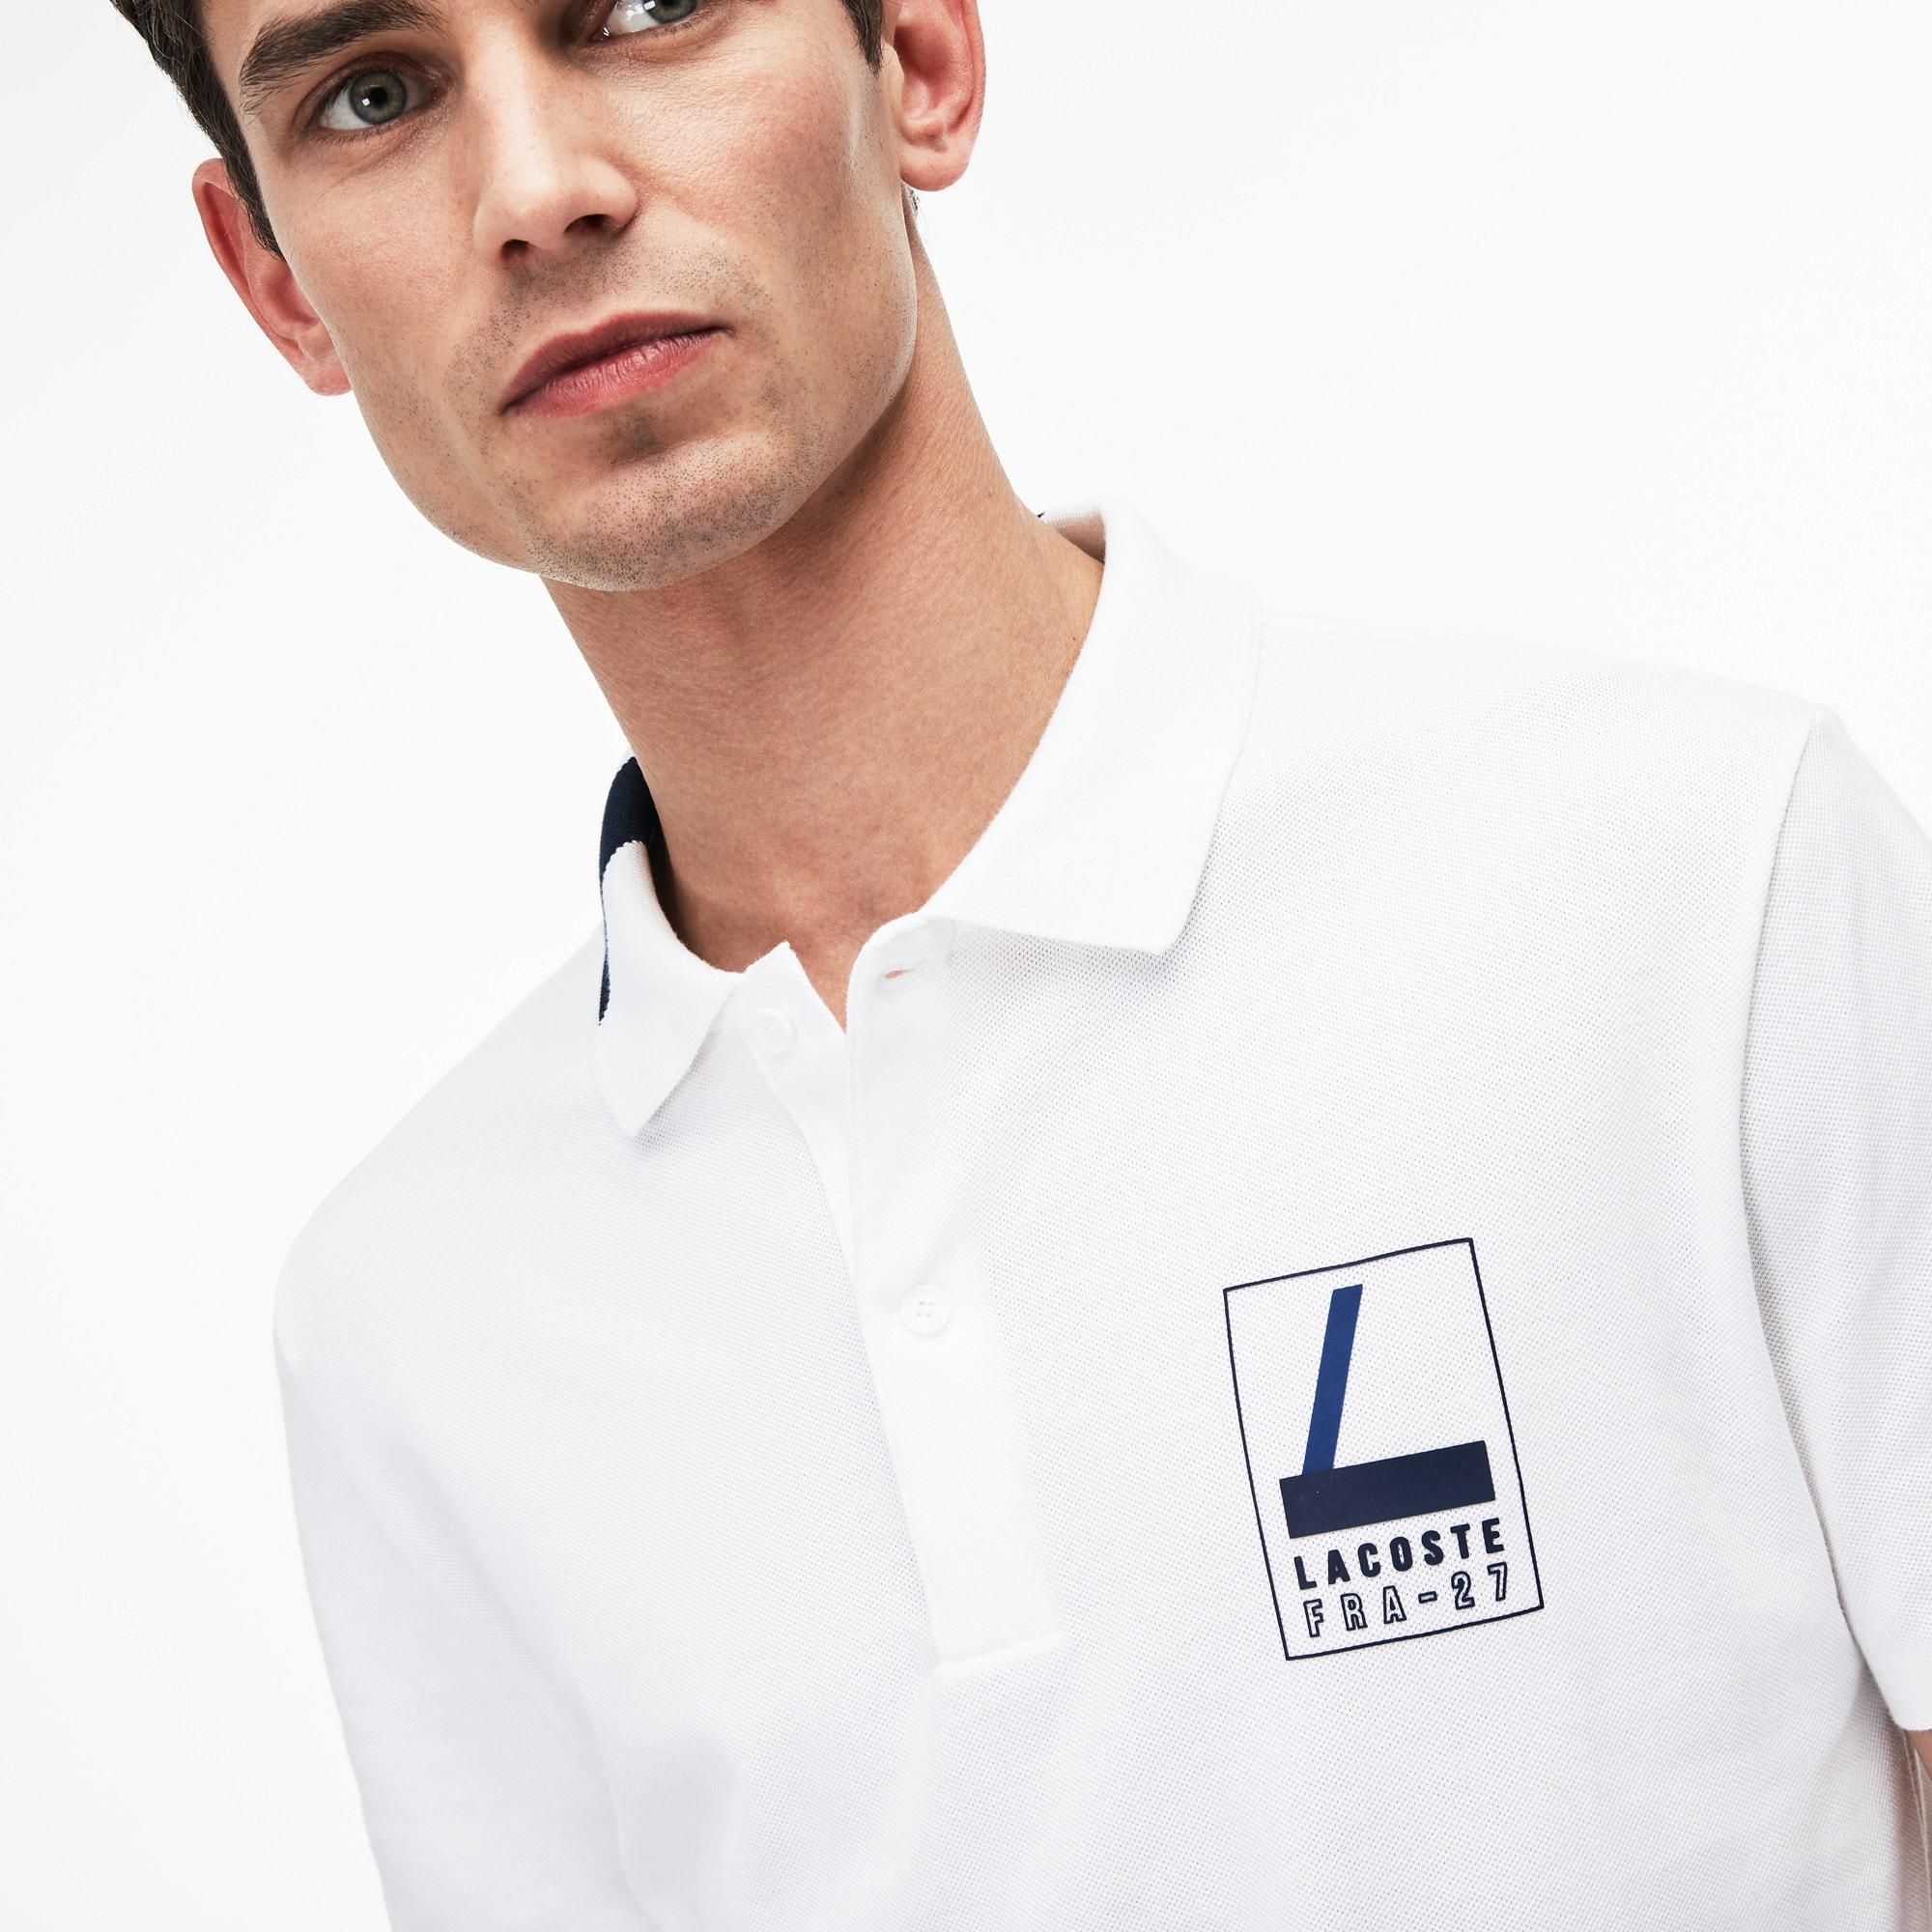 Lacoste - Polo De Hombre Lacoste Slim Fit En Mini Piqué Elástico Con Inscripción - 5